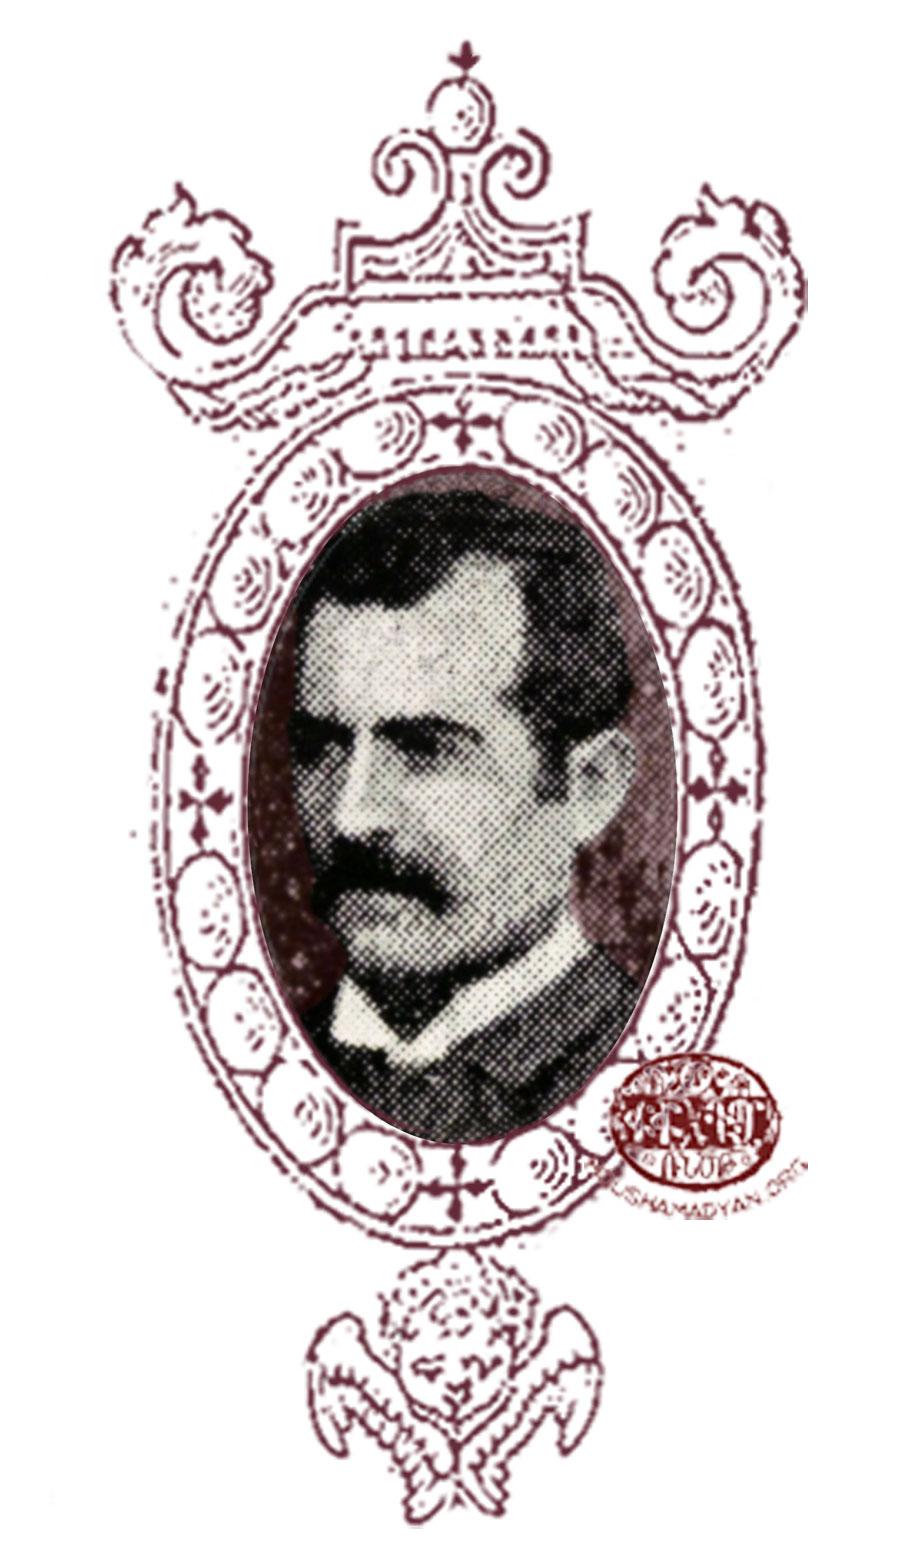 Մեսրոպ Եշիլեան